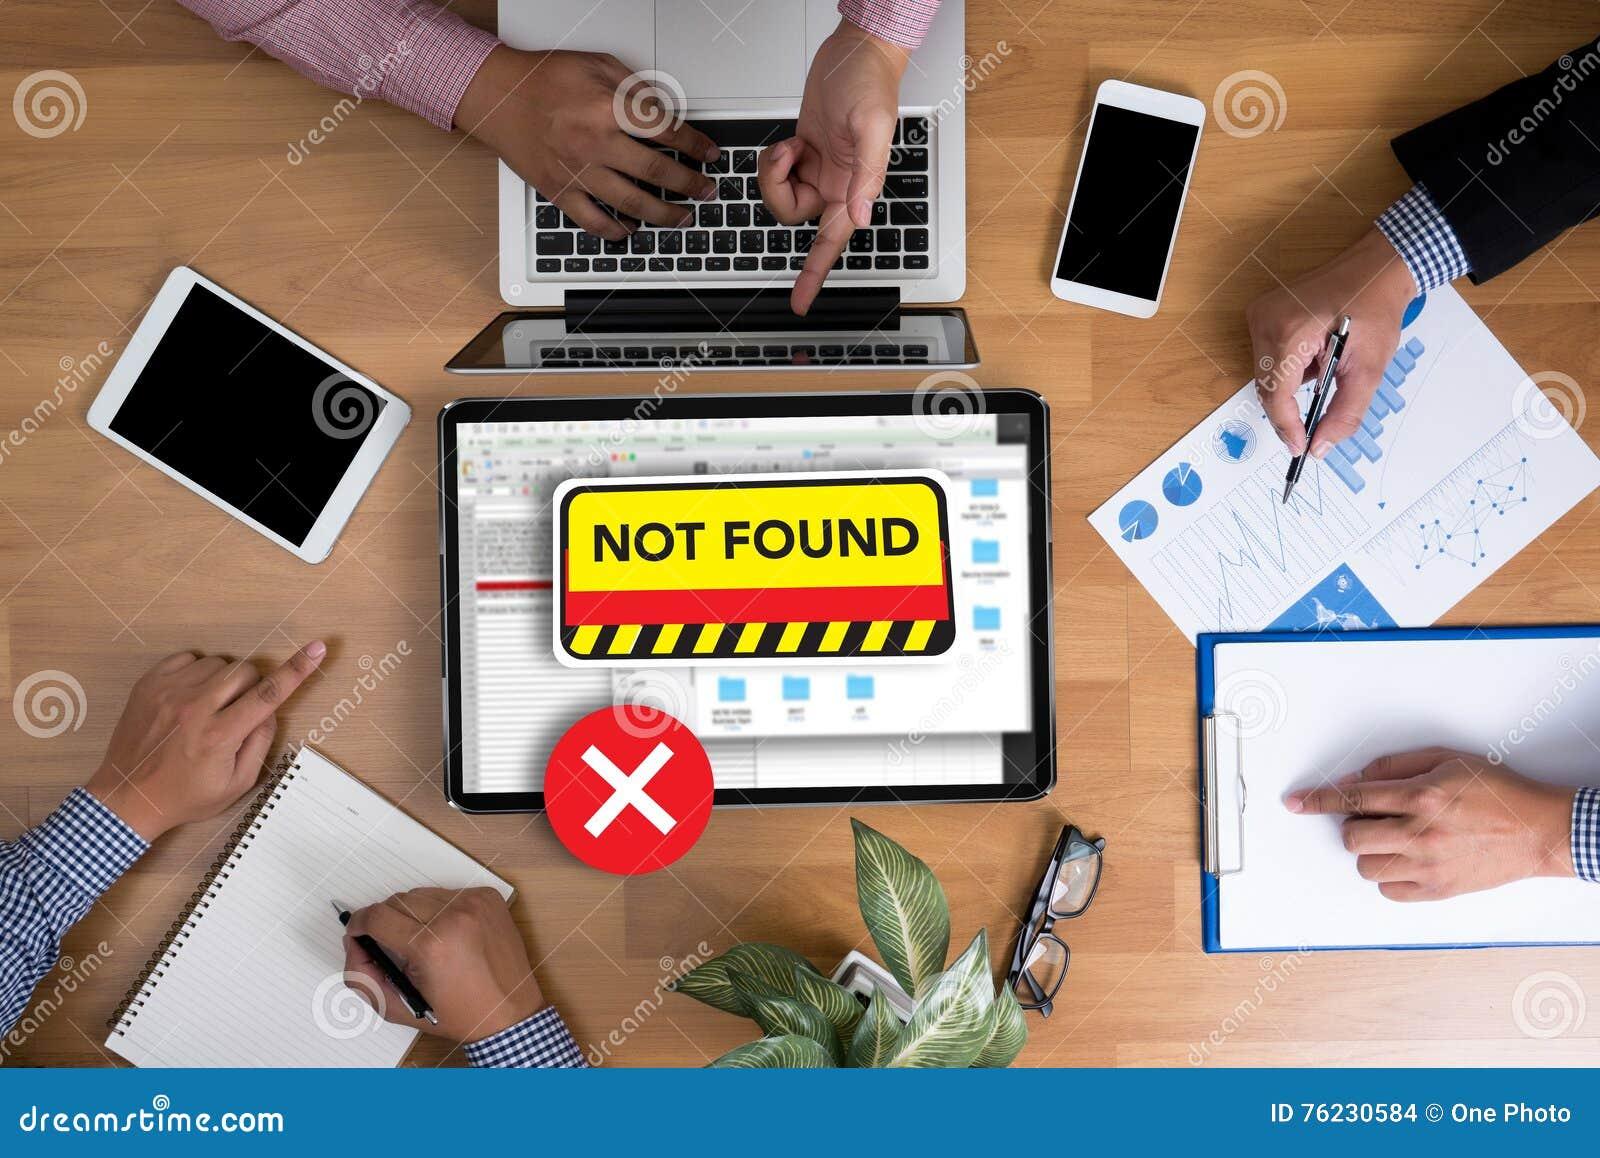 404计算机没被找到的404个错误失败警告问题